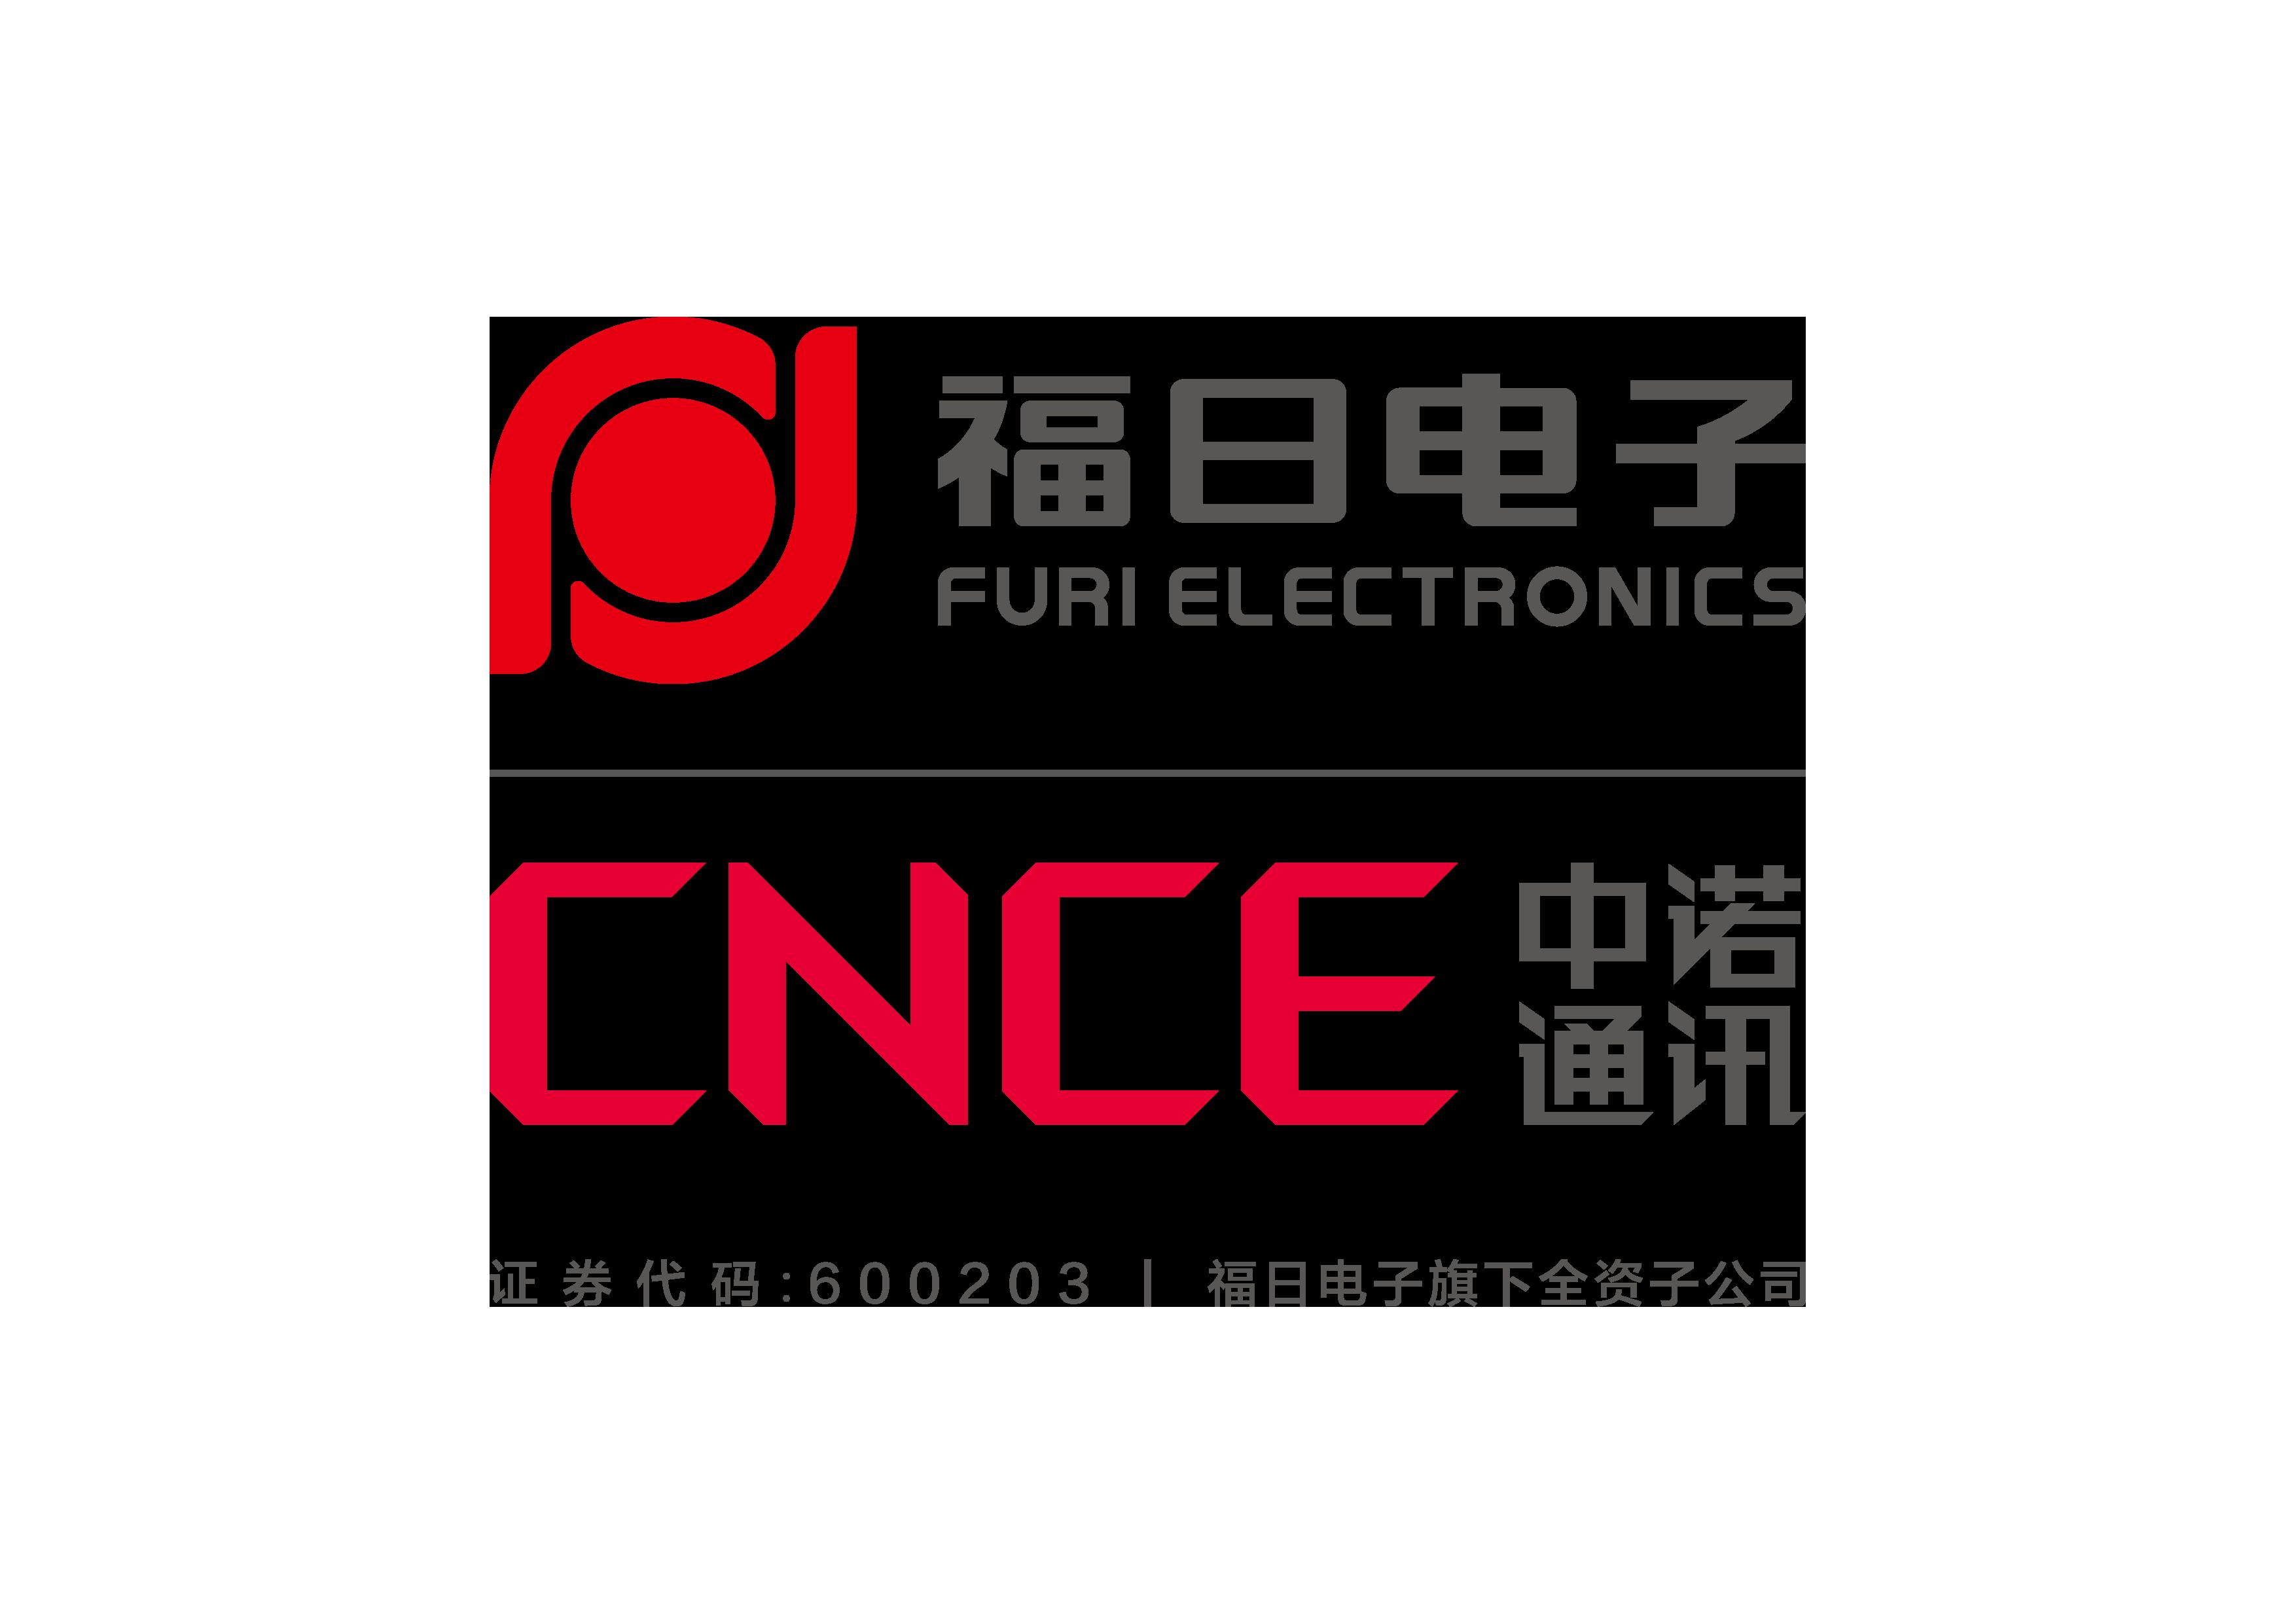 广东以诺通讯有限公司终端智能制造项目